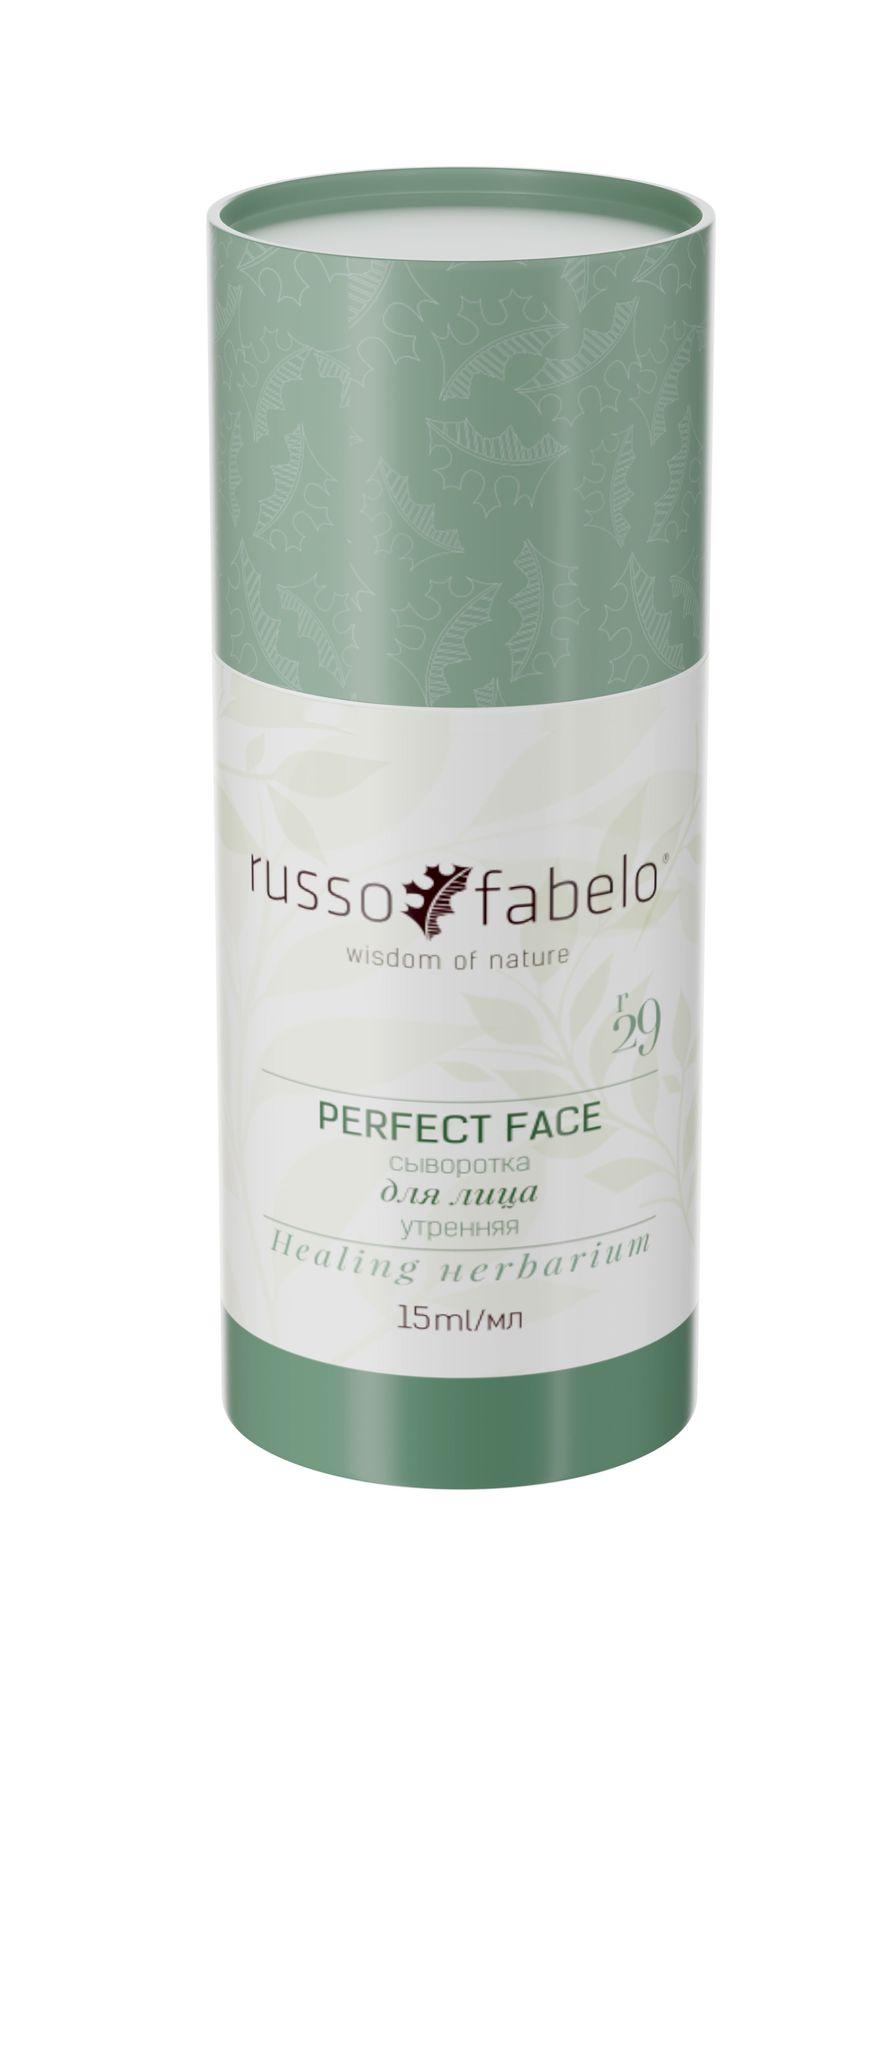 Сыворотка для лица PERFECT FACE - Утренняя серия